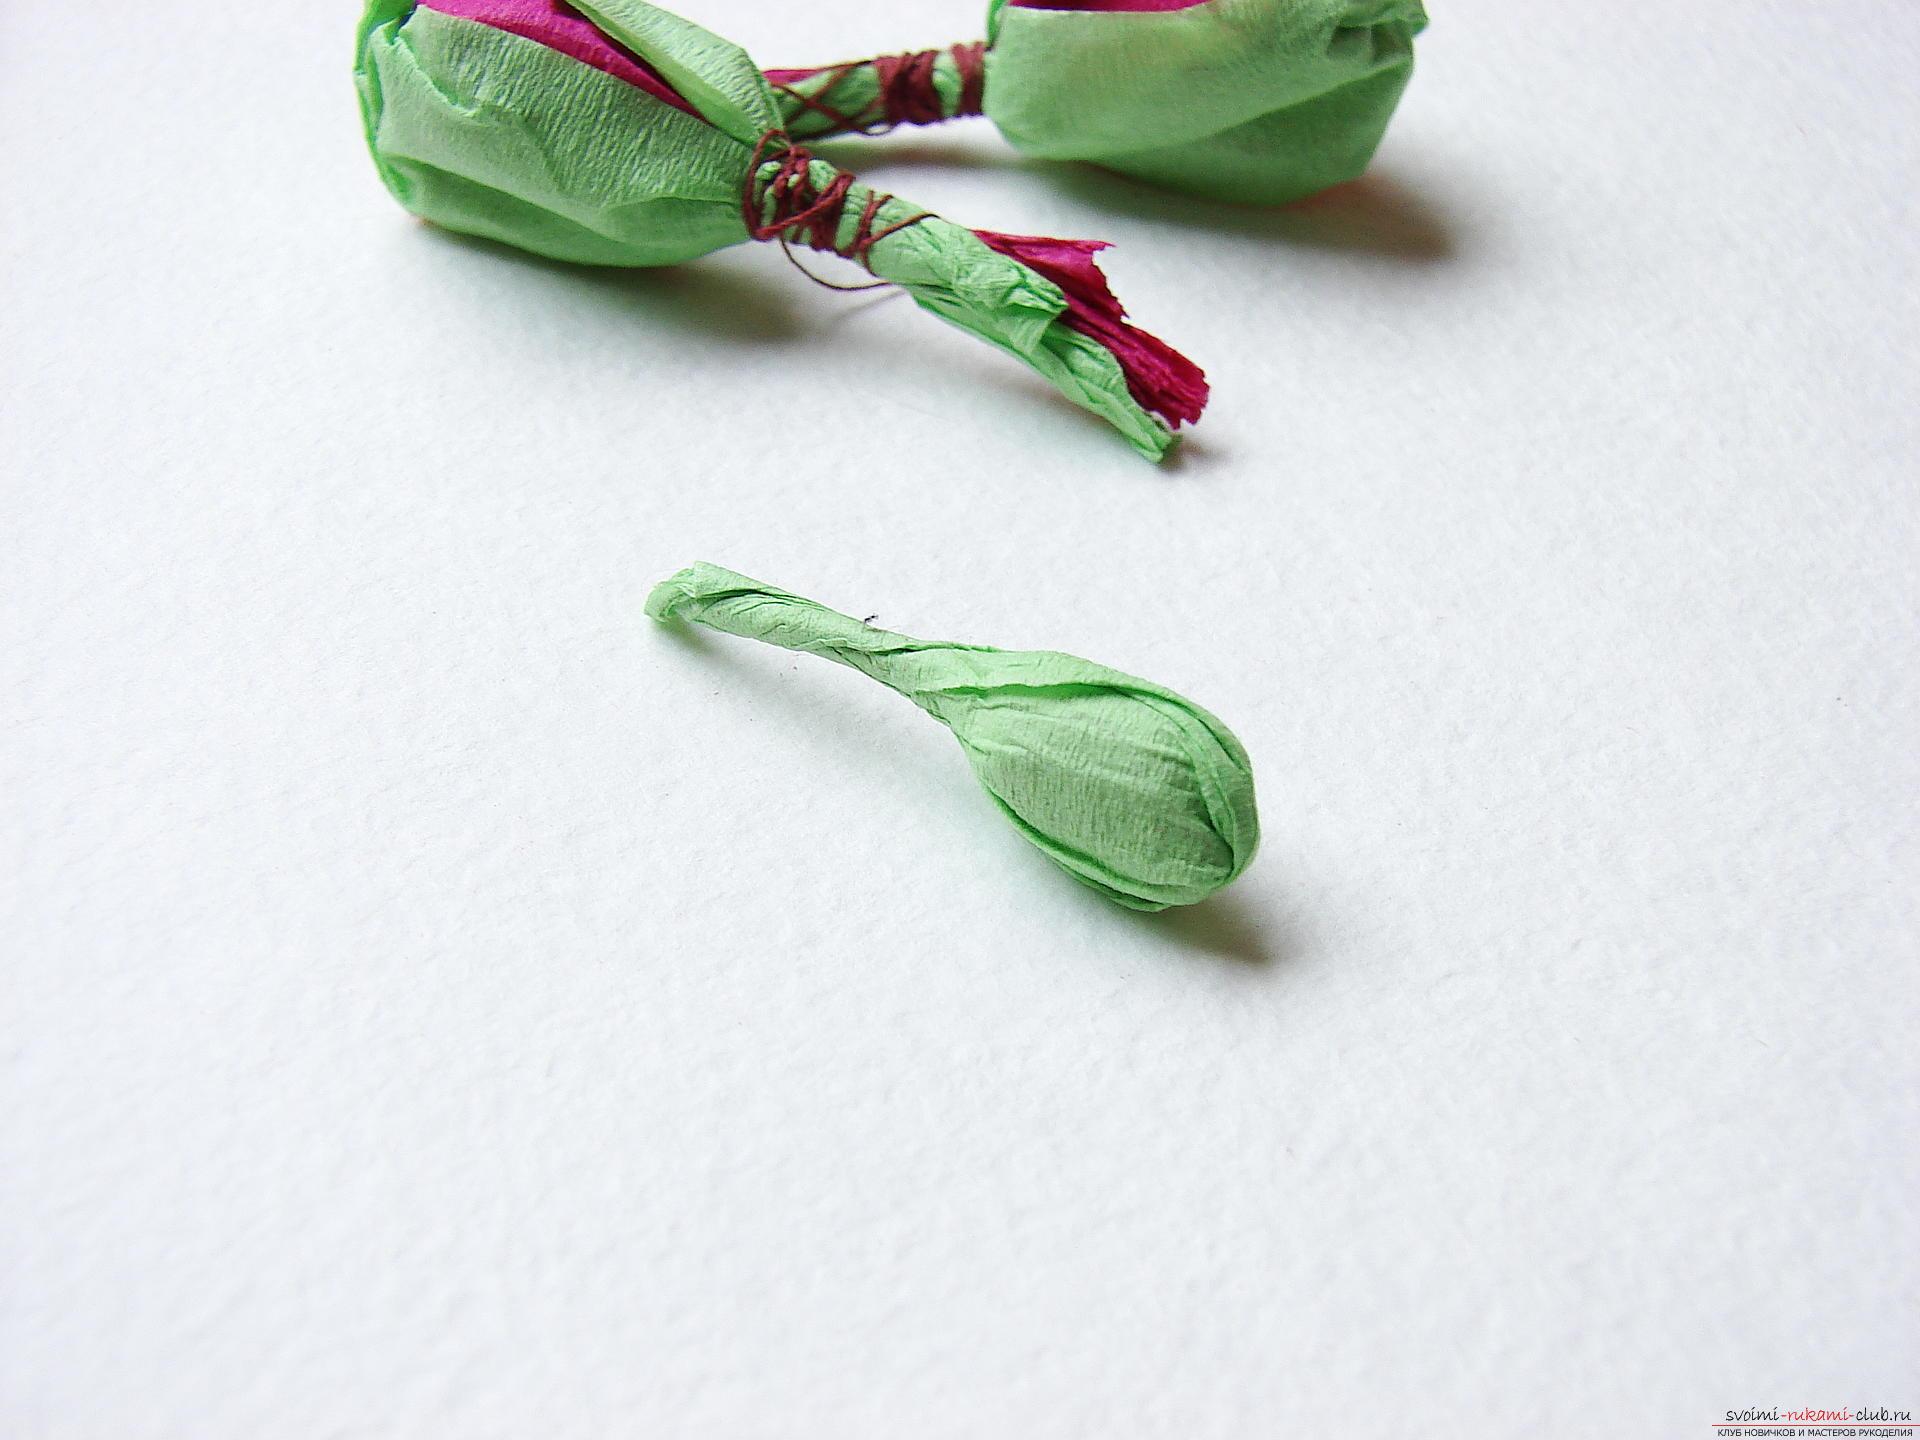 Этот мастер-класс научит как сделать цветы гладиолусы из бумаги своими руками.. Фото №18